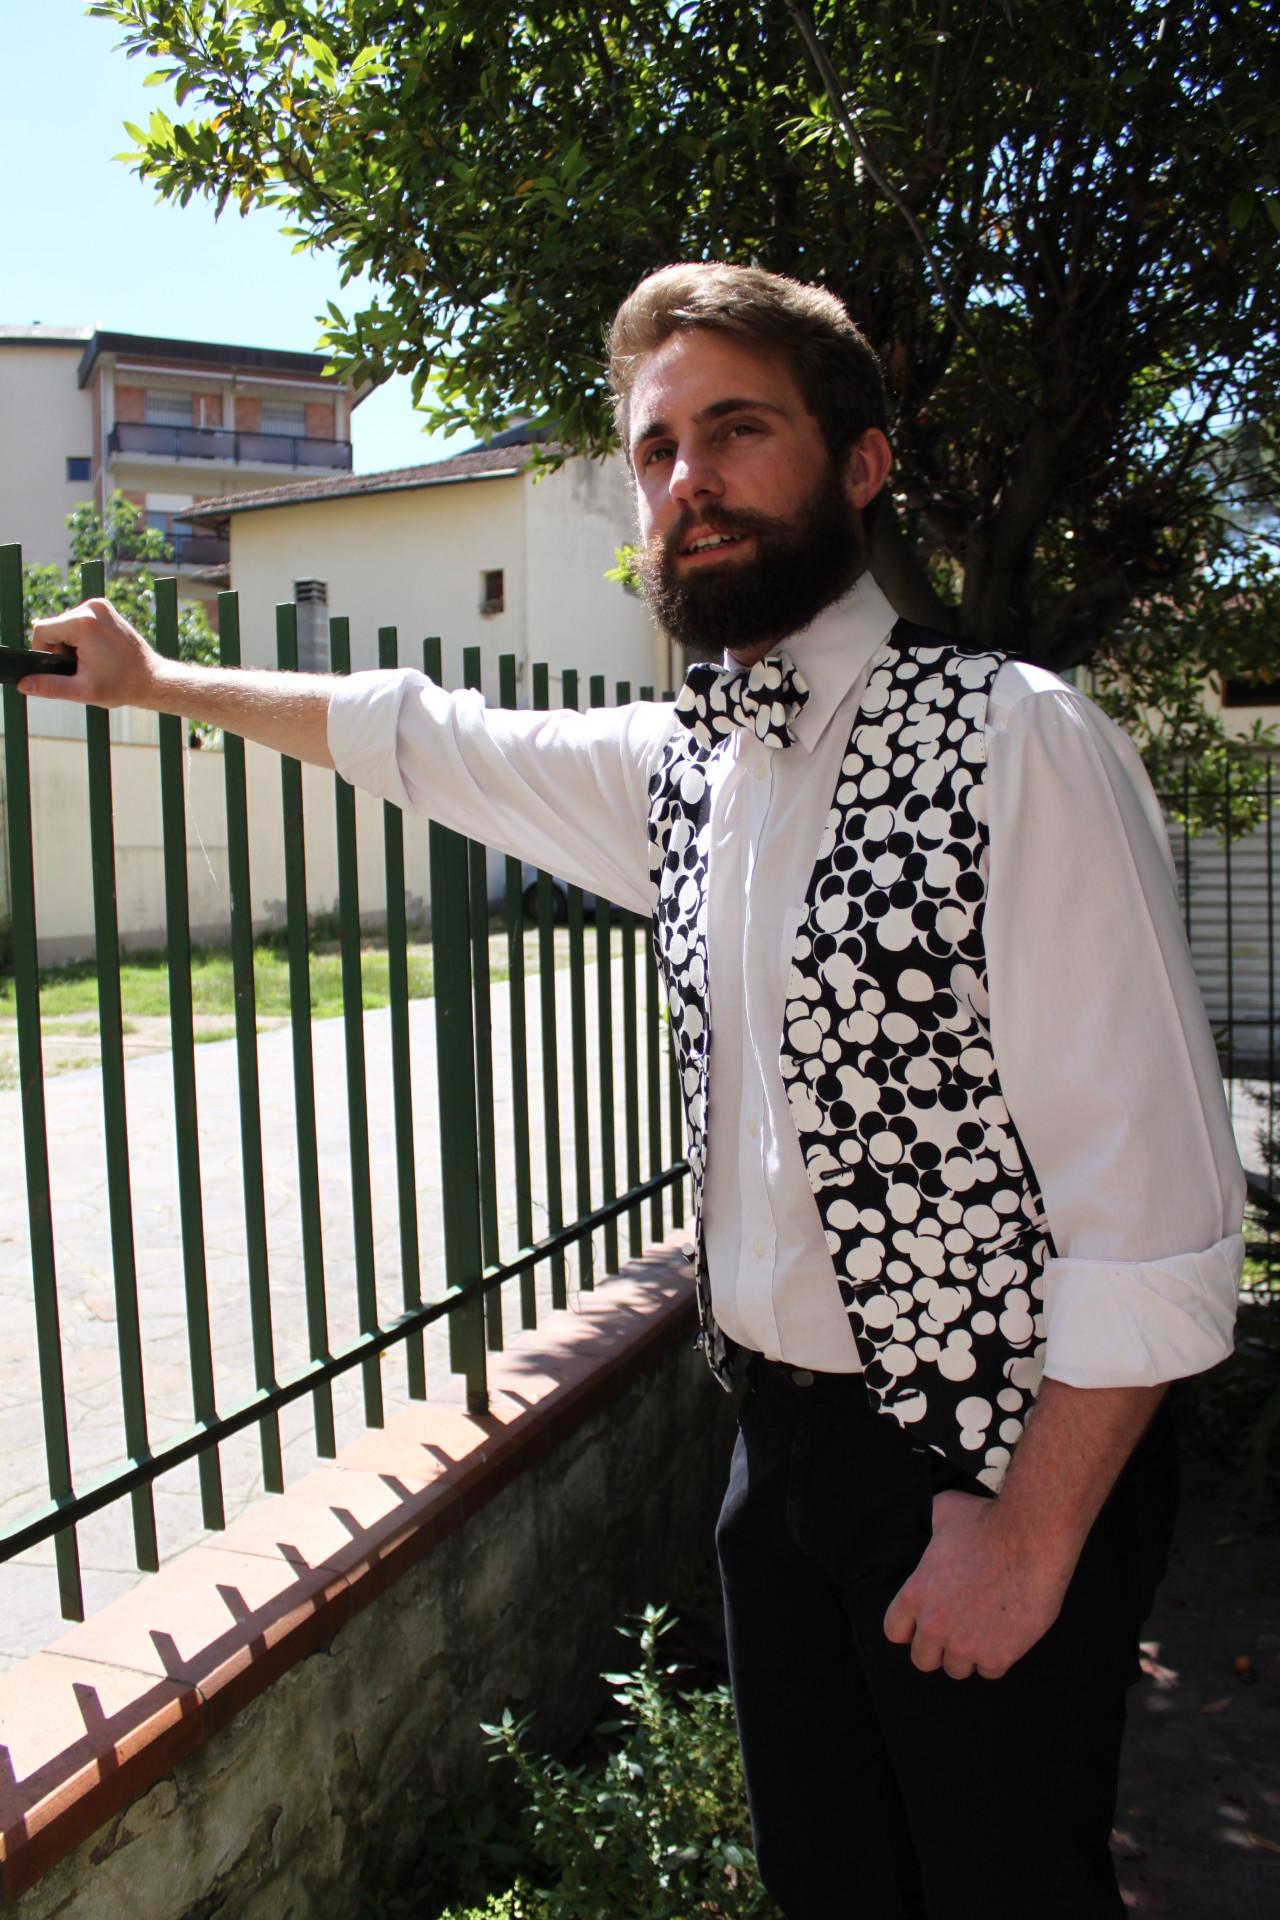 Hipster Matrimonio Uomo : Gilet da uomo in cotone bianco e nero stile hipster